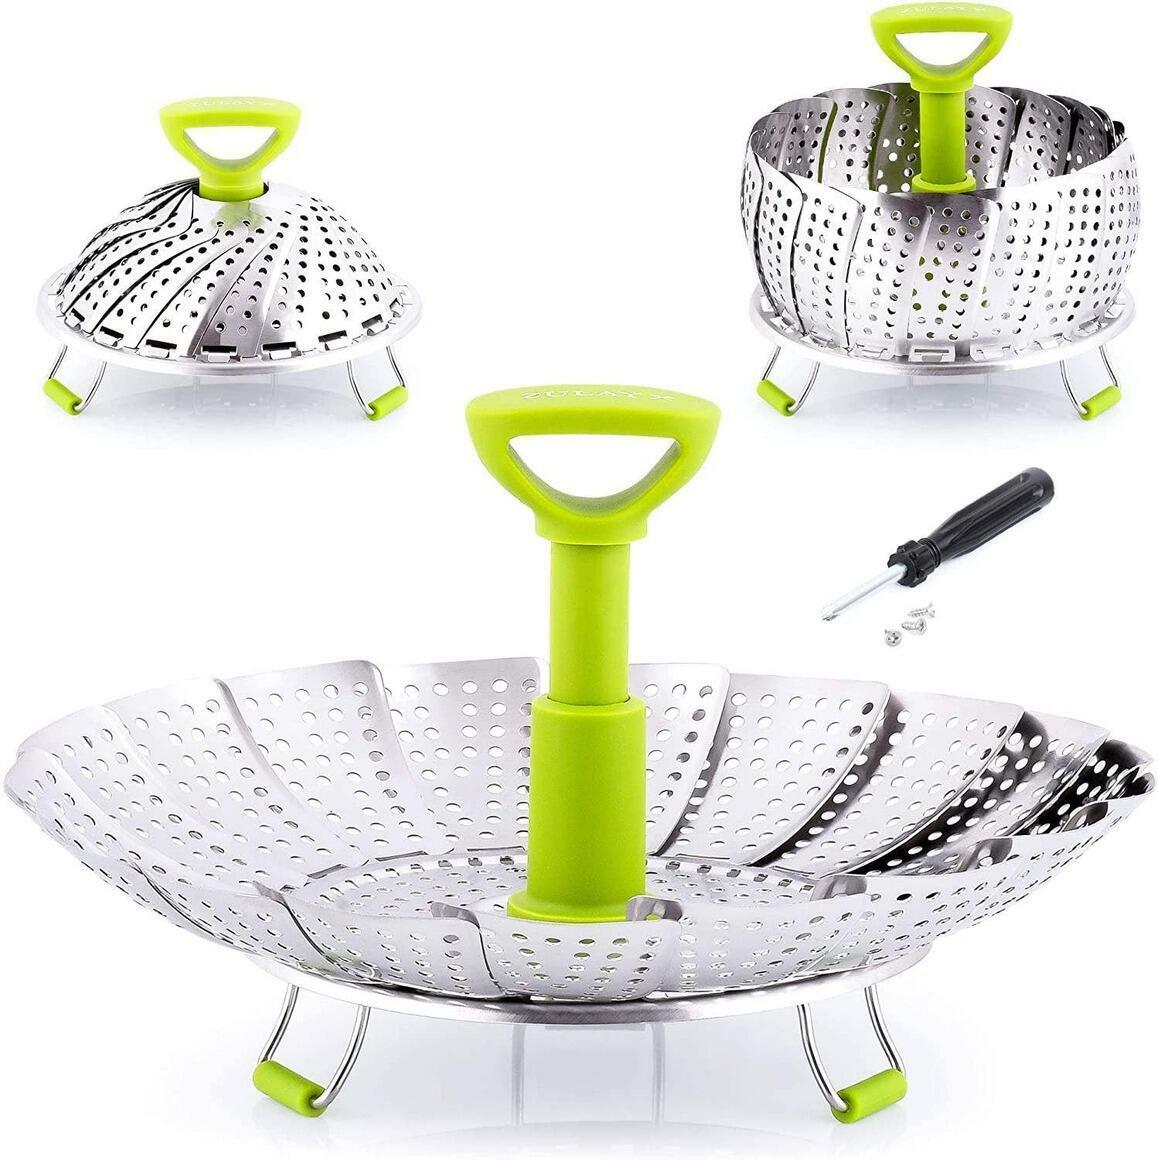 Adjustable Vegetable Steamer Baskets For Cooking | Trada Marketplace